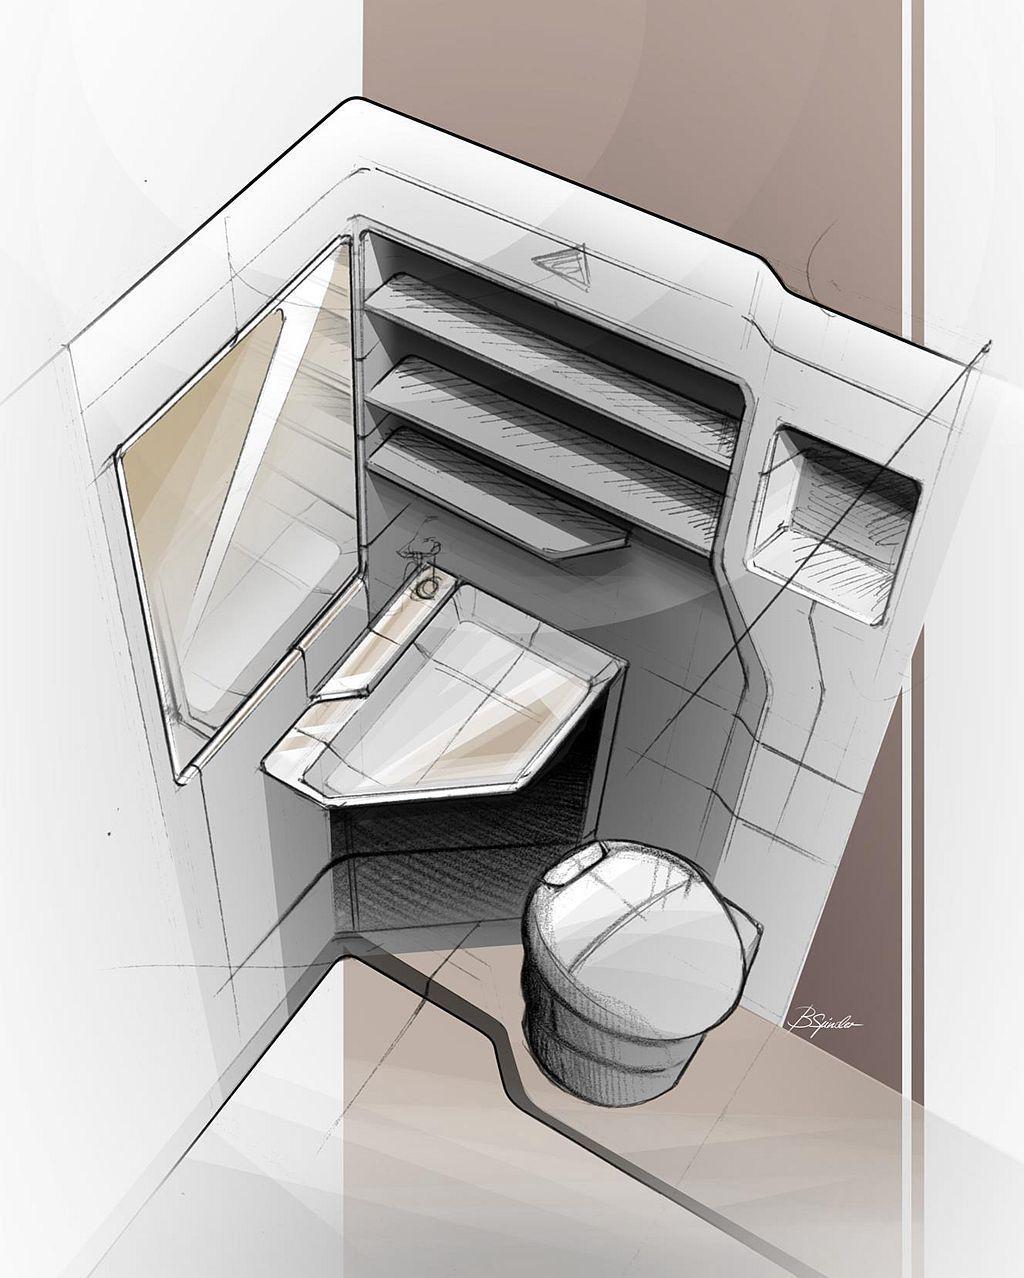 光是有專屬隱密的衛浴設備,光這賣點相信就可以吸引許多露營愛好者。 圖/福斯商旅提供